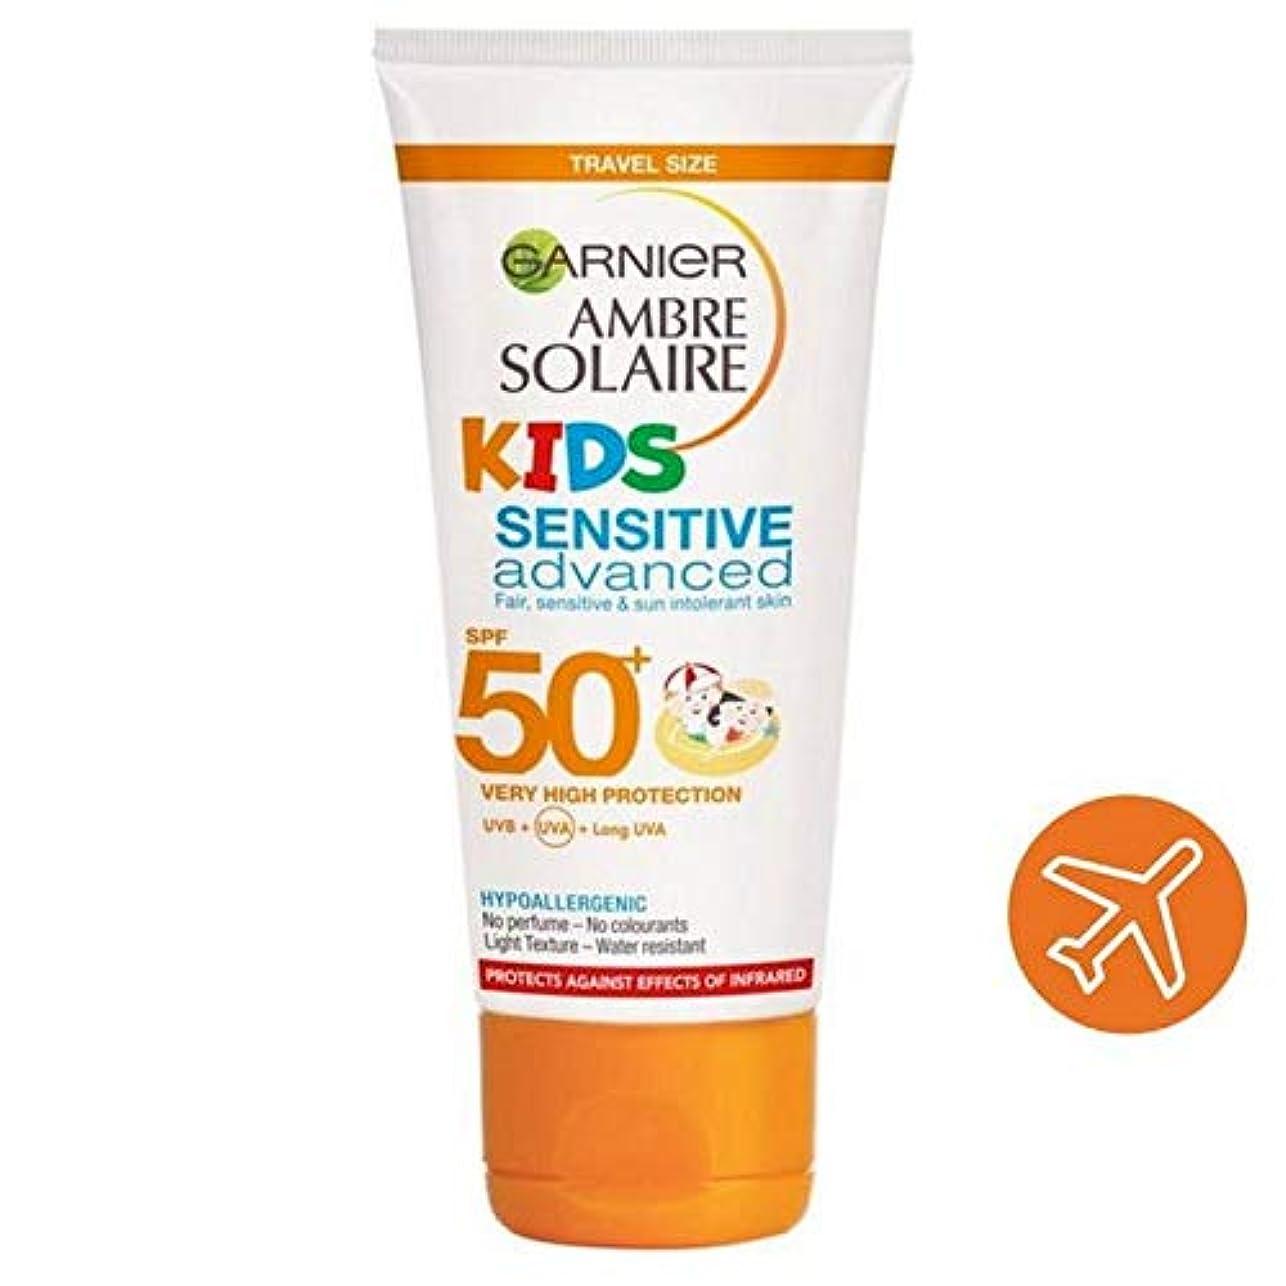 他の場所理容師送信する[Garnier ] アンブレSolaire子供敏感サンクリームSpf50 + 50ミリリットル - Ambre Solaire Kids Sensitive Sun Cream SPF50+ 50ml [並行輸入品]